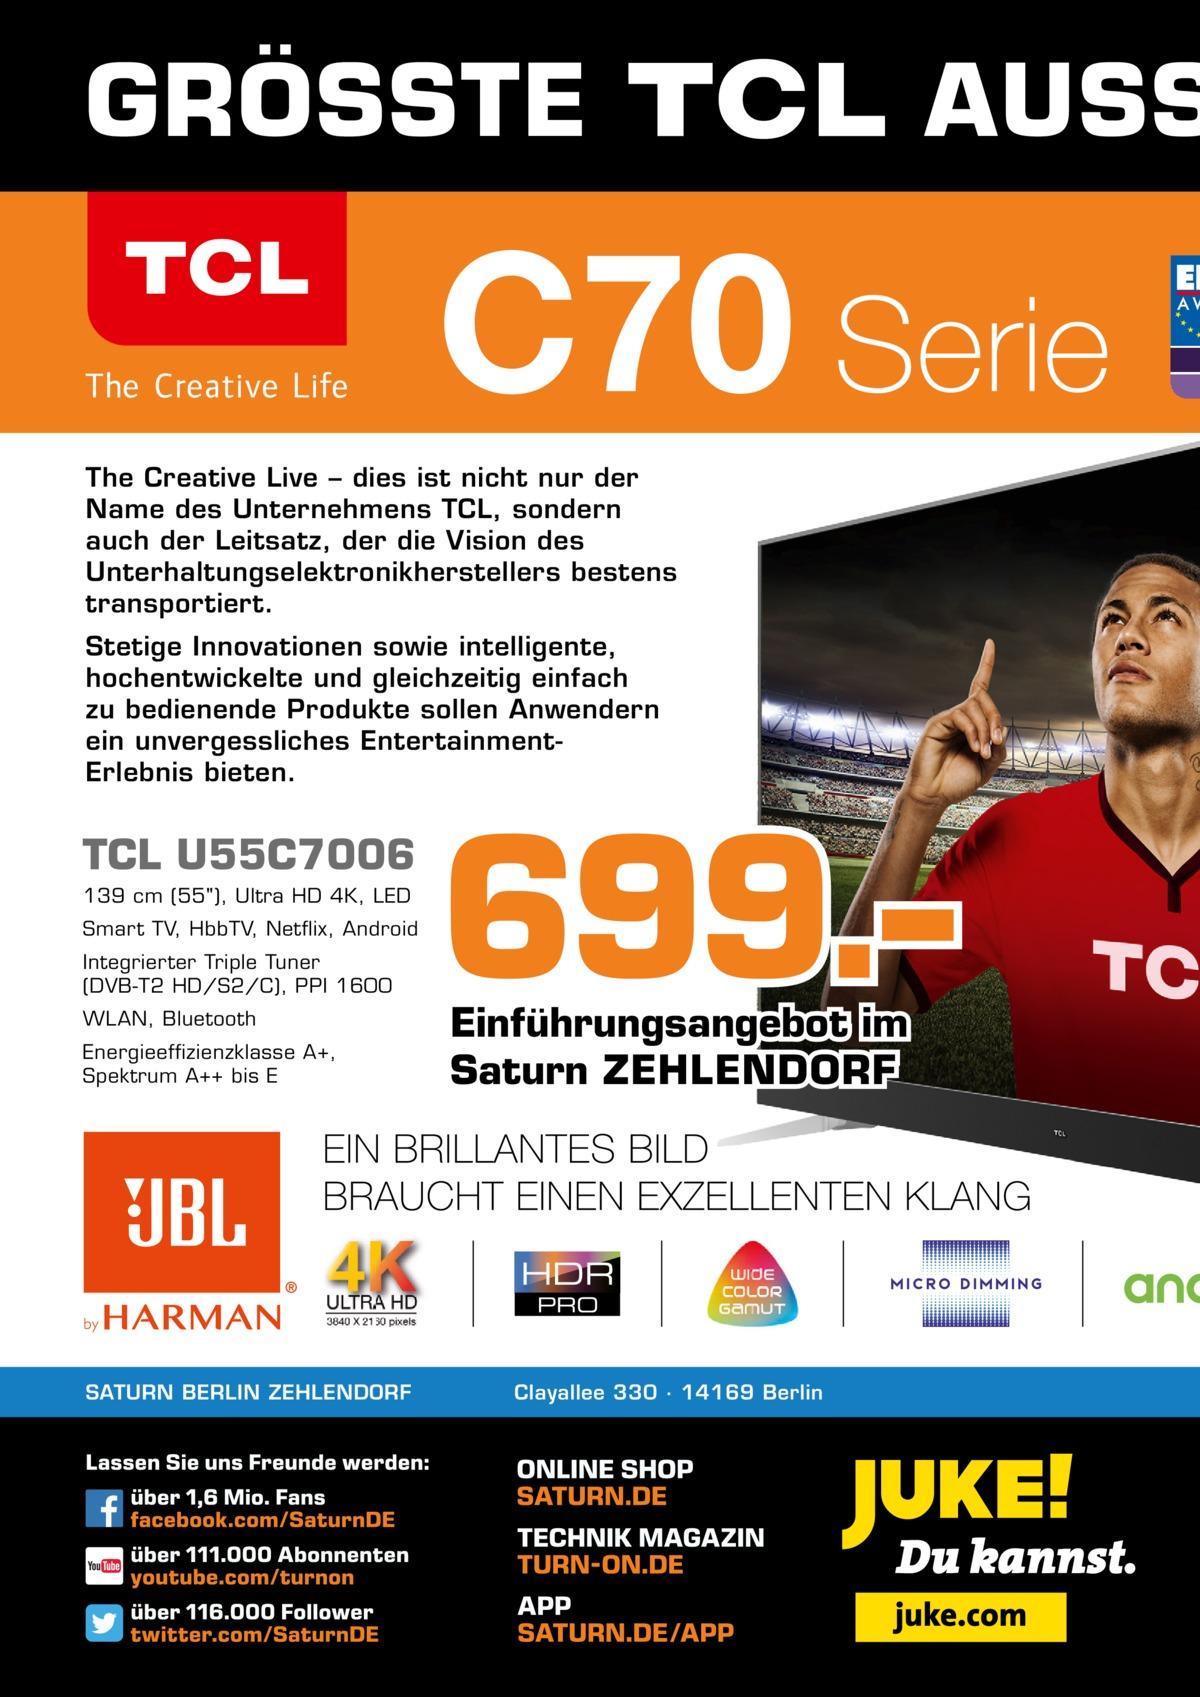 GRÖSSTE  AUSS  The Creative Live – dies ist nicht nur der Name des Unternehmens TCL, sondern auch der Leitsatz, der die Vision des Unterhaltungselektronikherstellers bestens transportiert. Stetige Innovationen sowie intelligente, hochentwickelte und gleichzeitig einfach zu bedienende Produkte sollen Anwendern ein unvergessliches EntertainmentErlebnis bieten.  TCL U55C7006 139cm (55), Ultra HD 4K, LED Smart TV, HbbTV, Netflix, Android Integrierter Triple Tuner (DVB-T2 HD/S2/C), PPI 1600 WLAN, Bluetooth Energieeffizienzklasse A+, Spektrum A++ bis E  SATURN BERLIN ZEHLENDORF  699.– Einführungsangebot im Saturn ZEHLENDORF  Clayallee 330 ∙ 14169Berlin